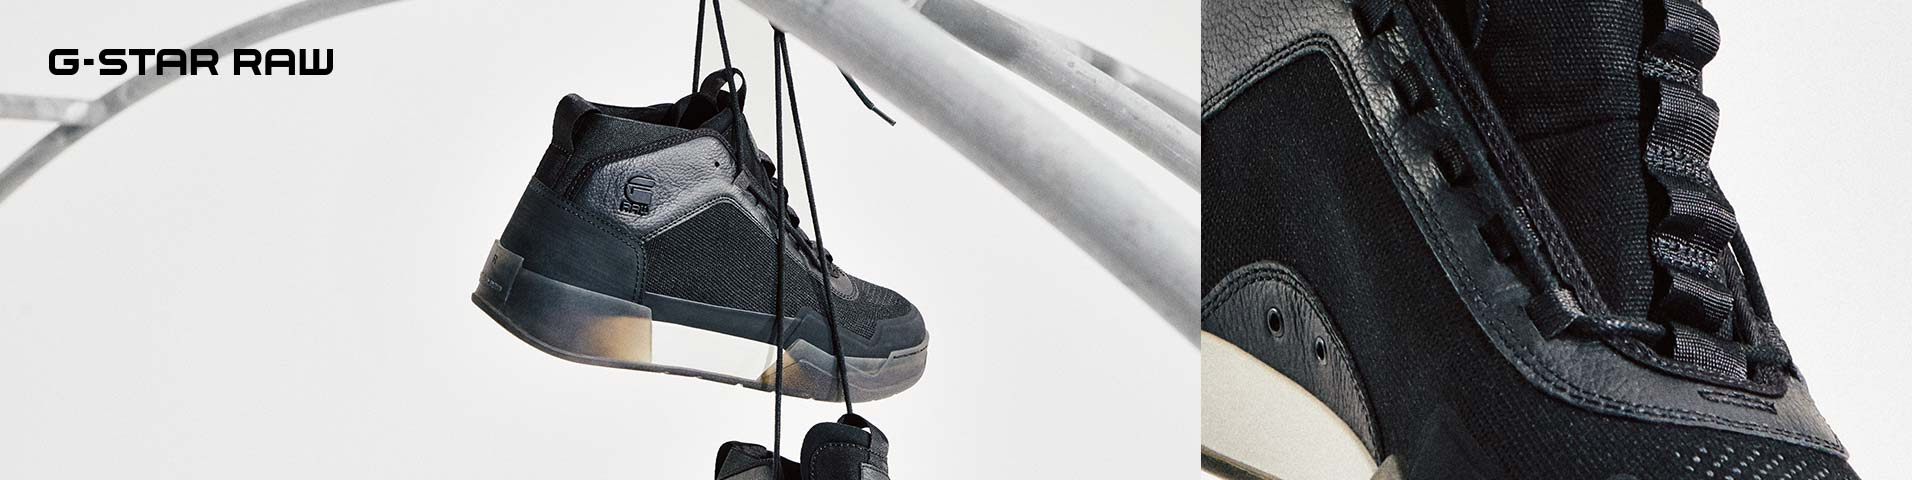 Chaussures homme G-Star   Large choix en ligne sur Zalando 4d44c12727e